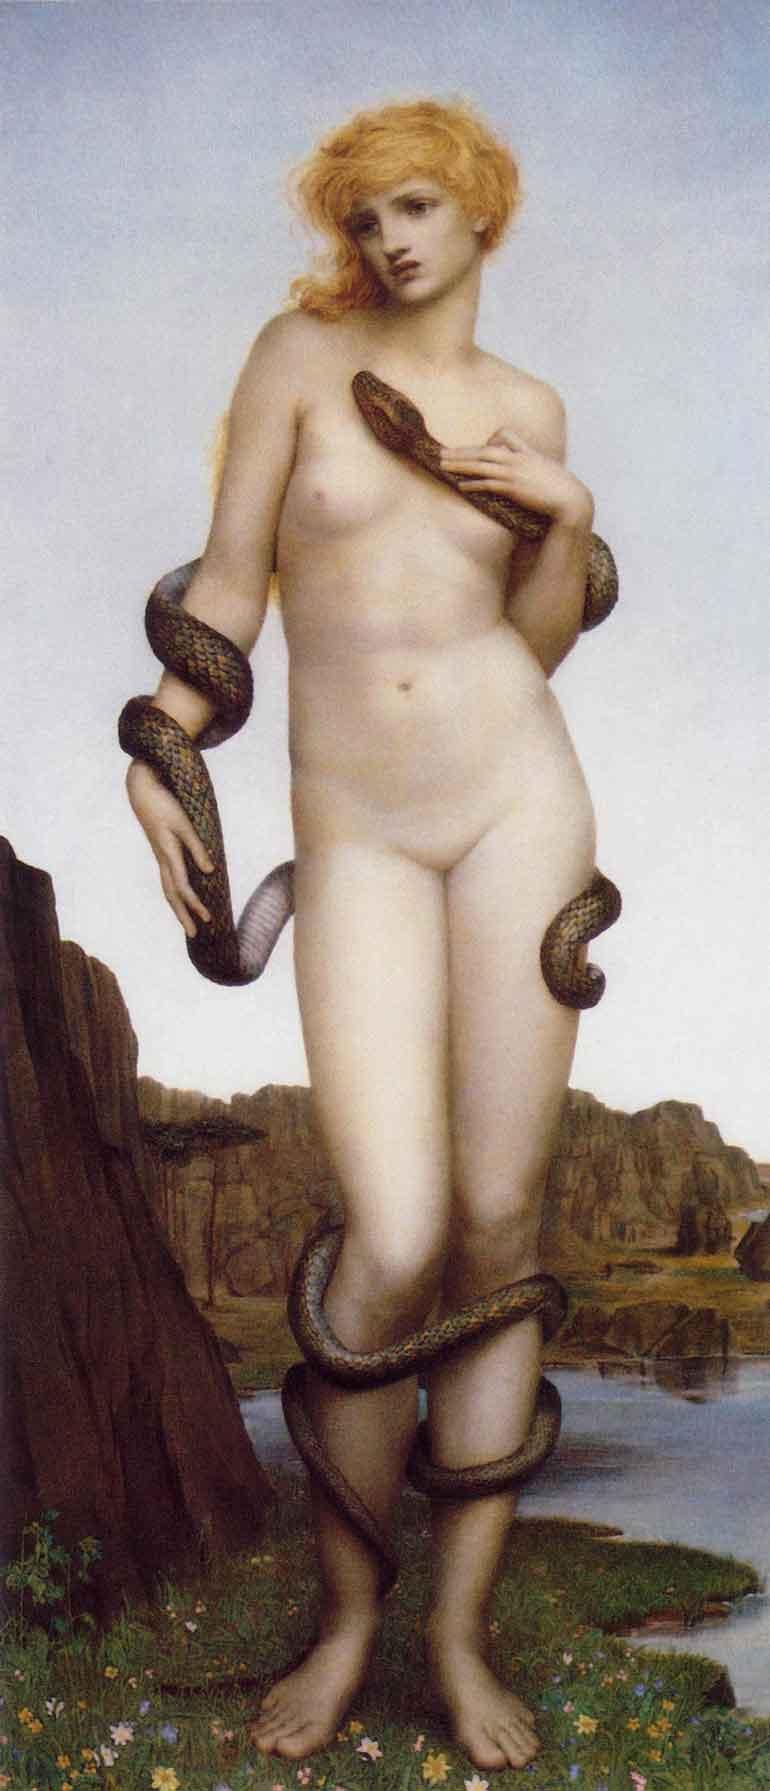 Los regalos de los dioses en la boda de Harmonía representarían el equilibrio de la importancia de los inmortales